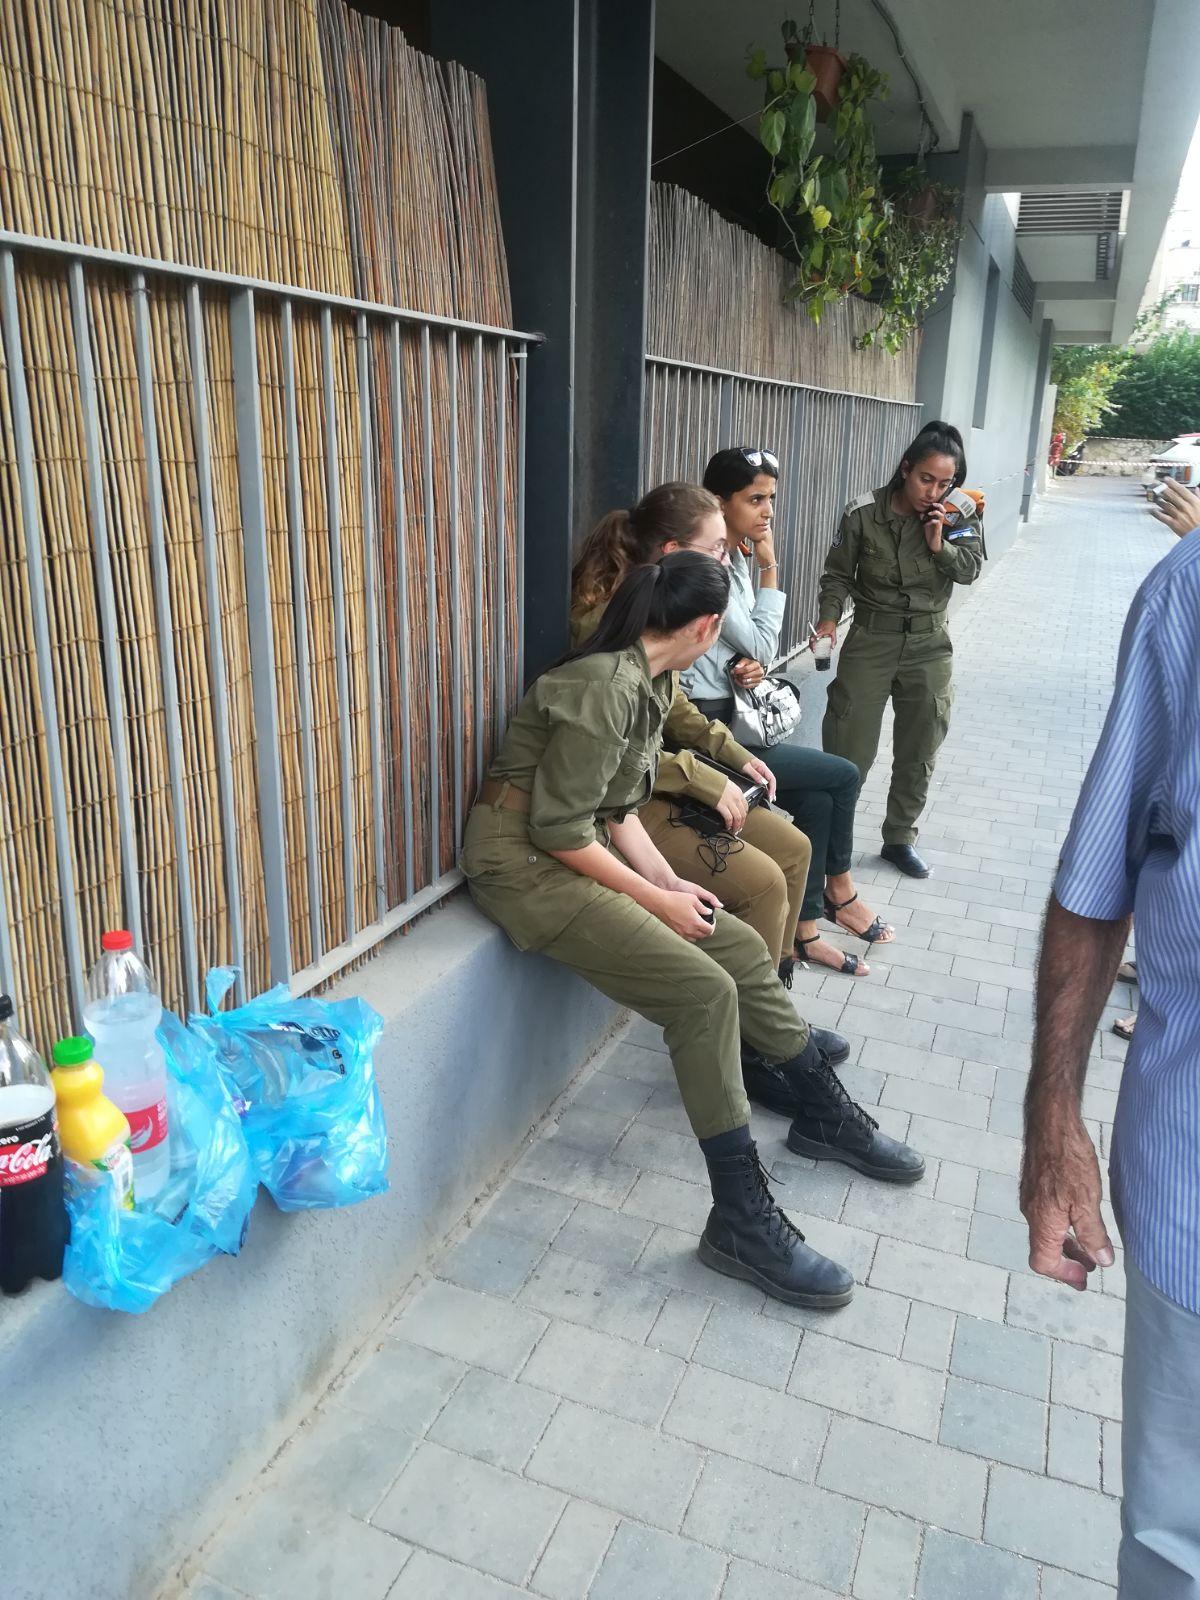 הערכת מצב לפינוי הדיירים. צילום: ישראל ניוז